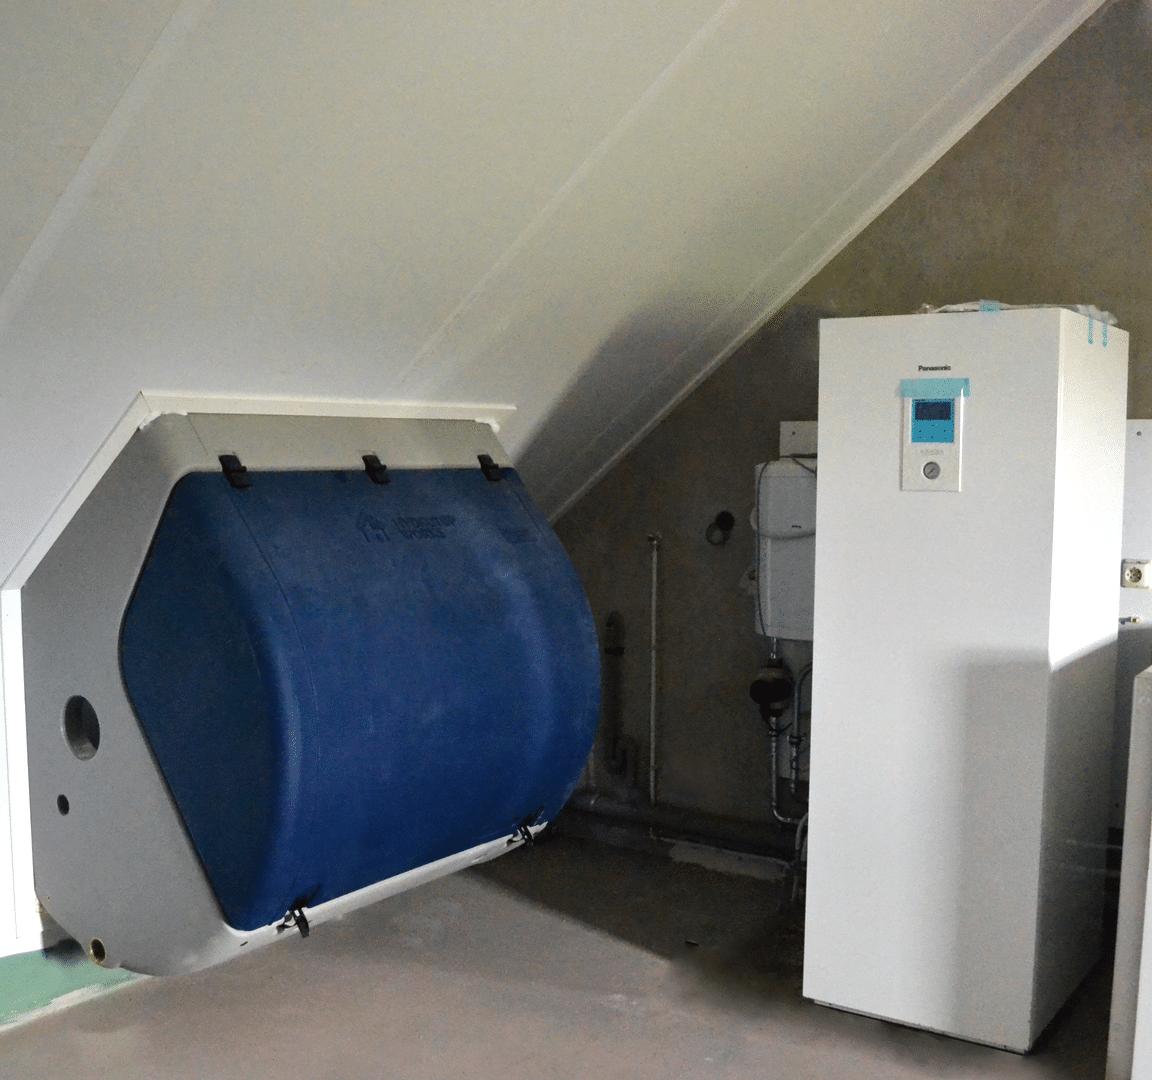 Foto van de installatie van een HydroTop